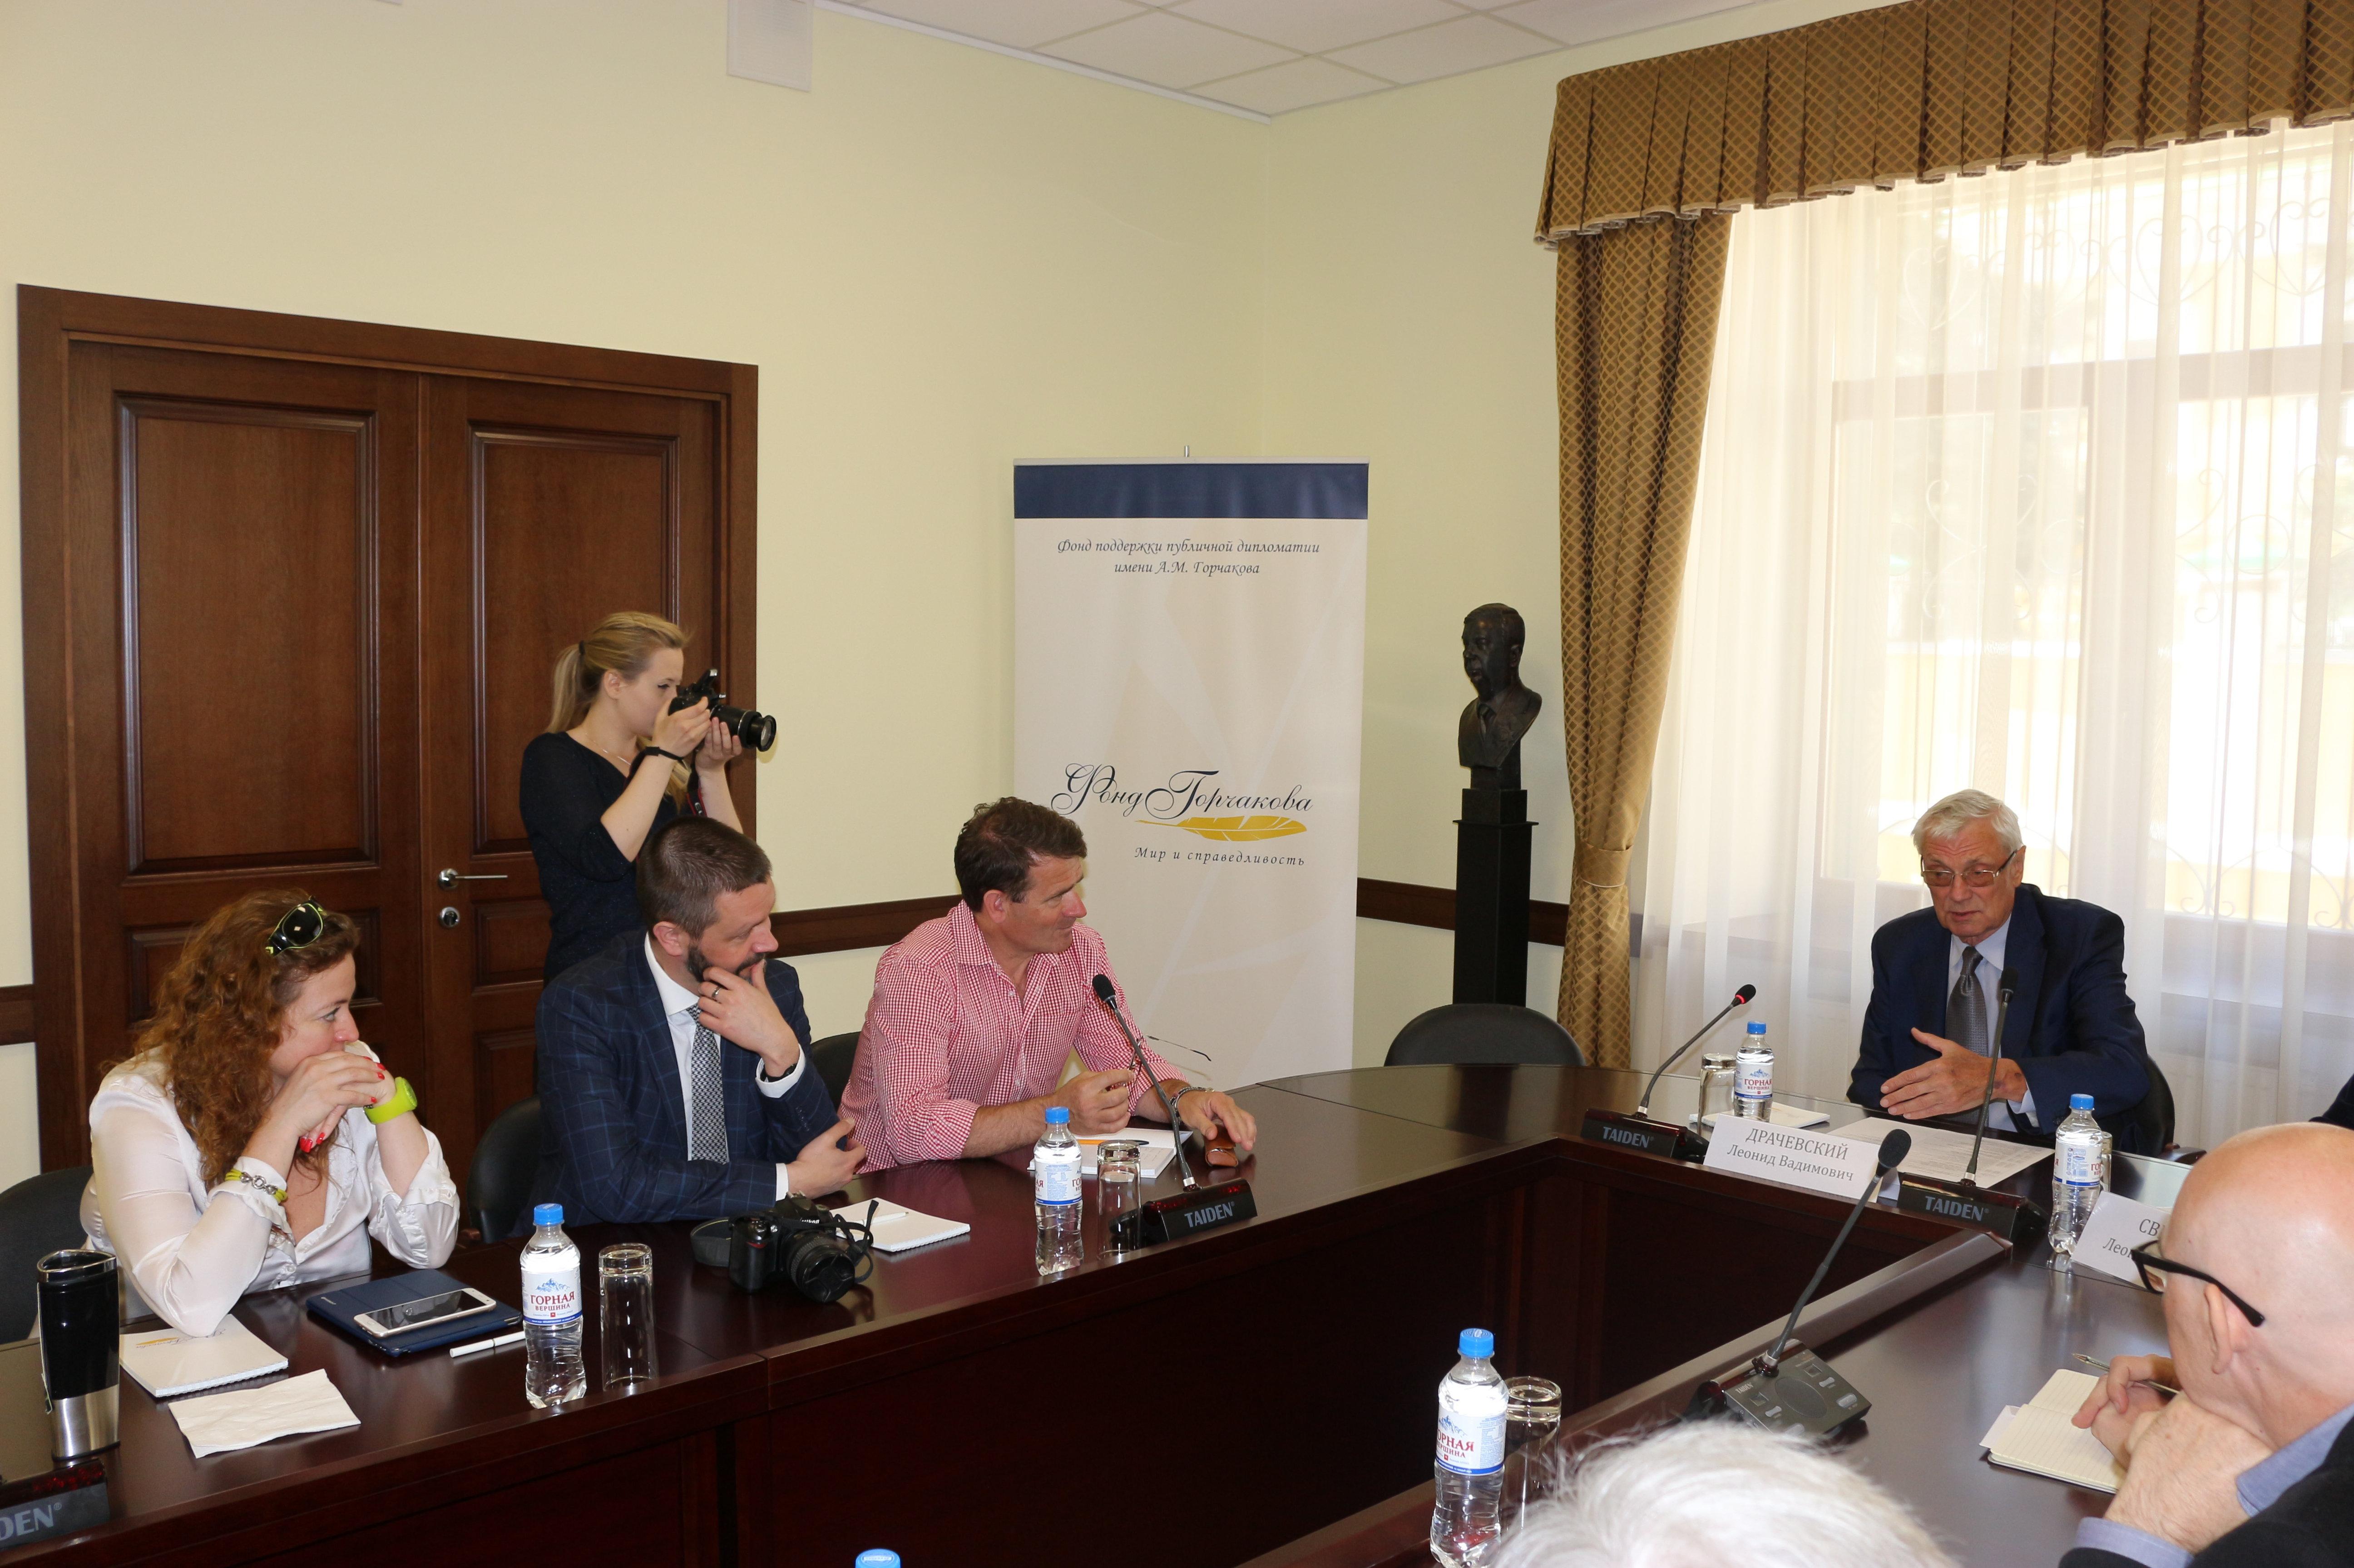 Spotkanie w Fundacji Wsparcia Dyplomacji Publicznej im. Gorczakowa. Dyrektor Fundacji Leonid Draczewski. 10 maja 2018 r.